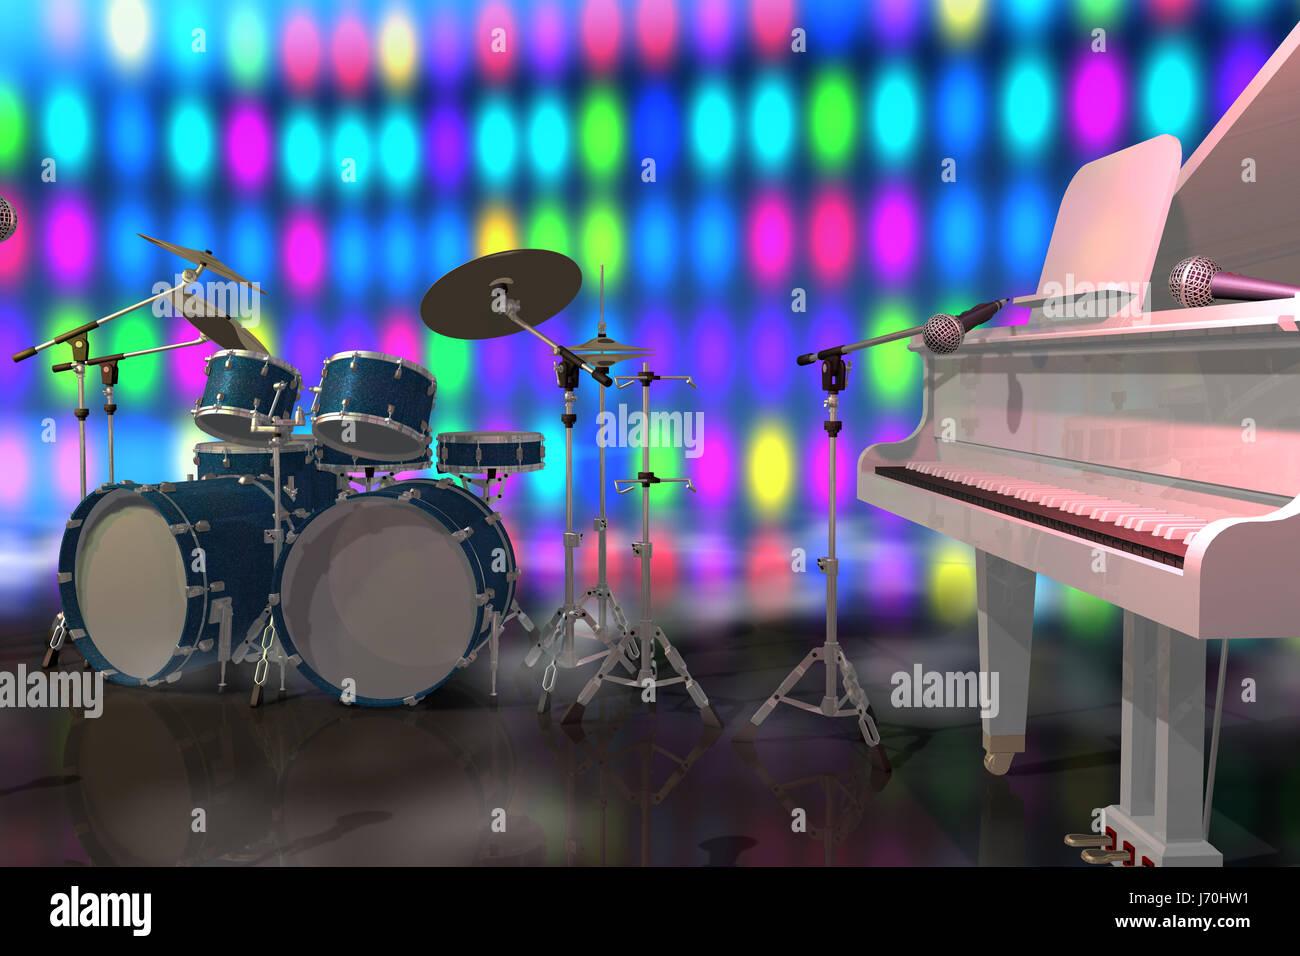 Musica per pianoforte illuminato apparecchiature di illuminazione